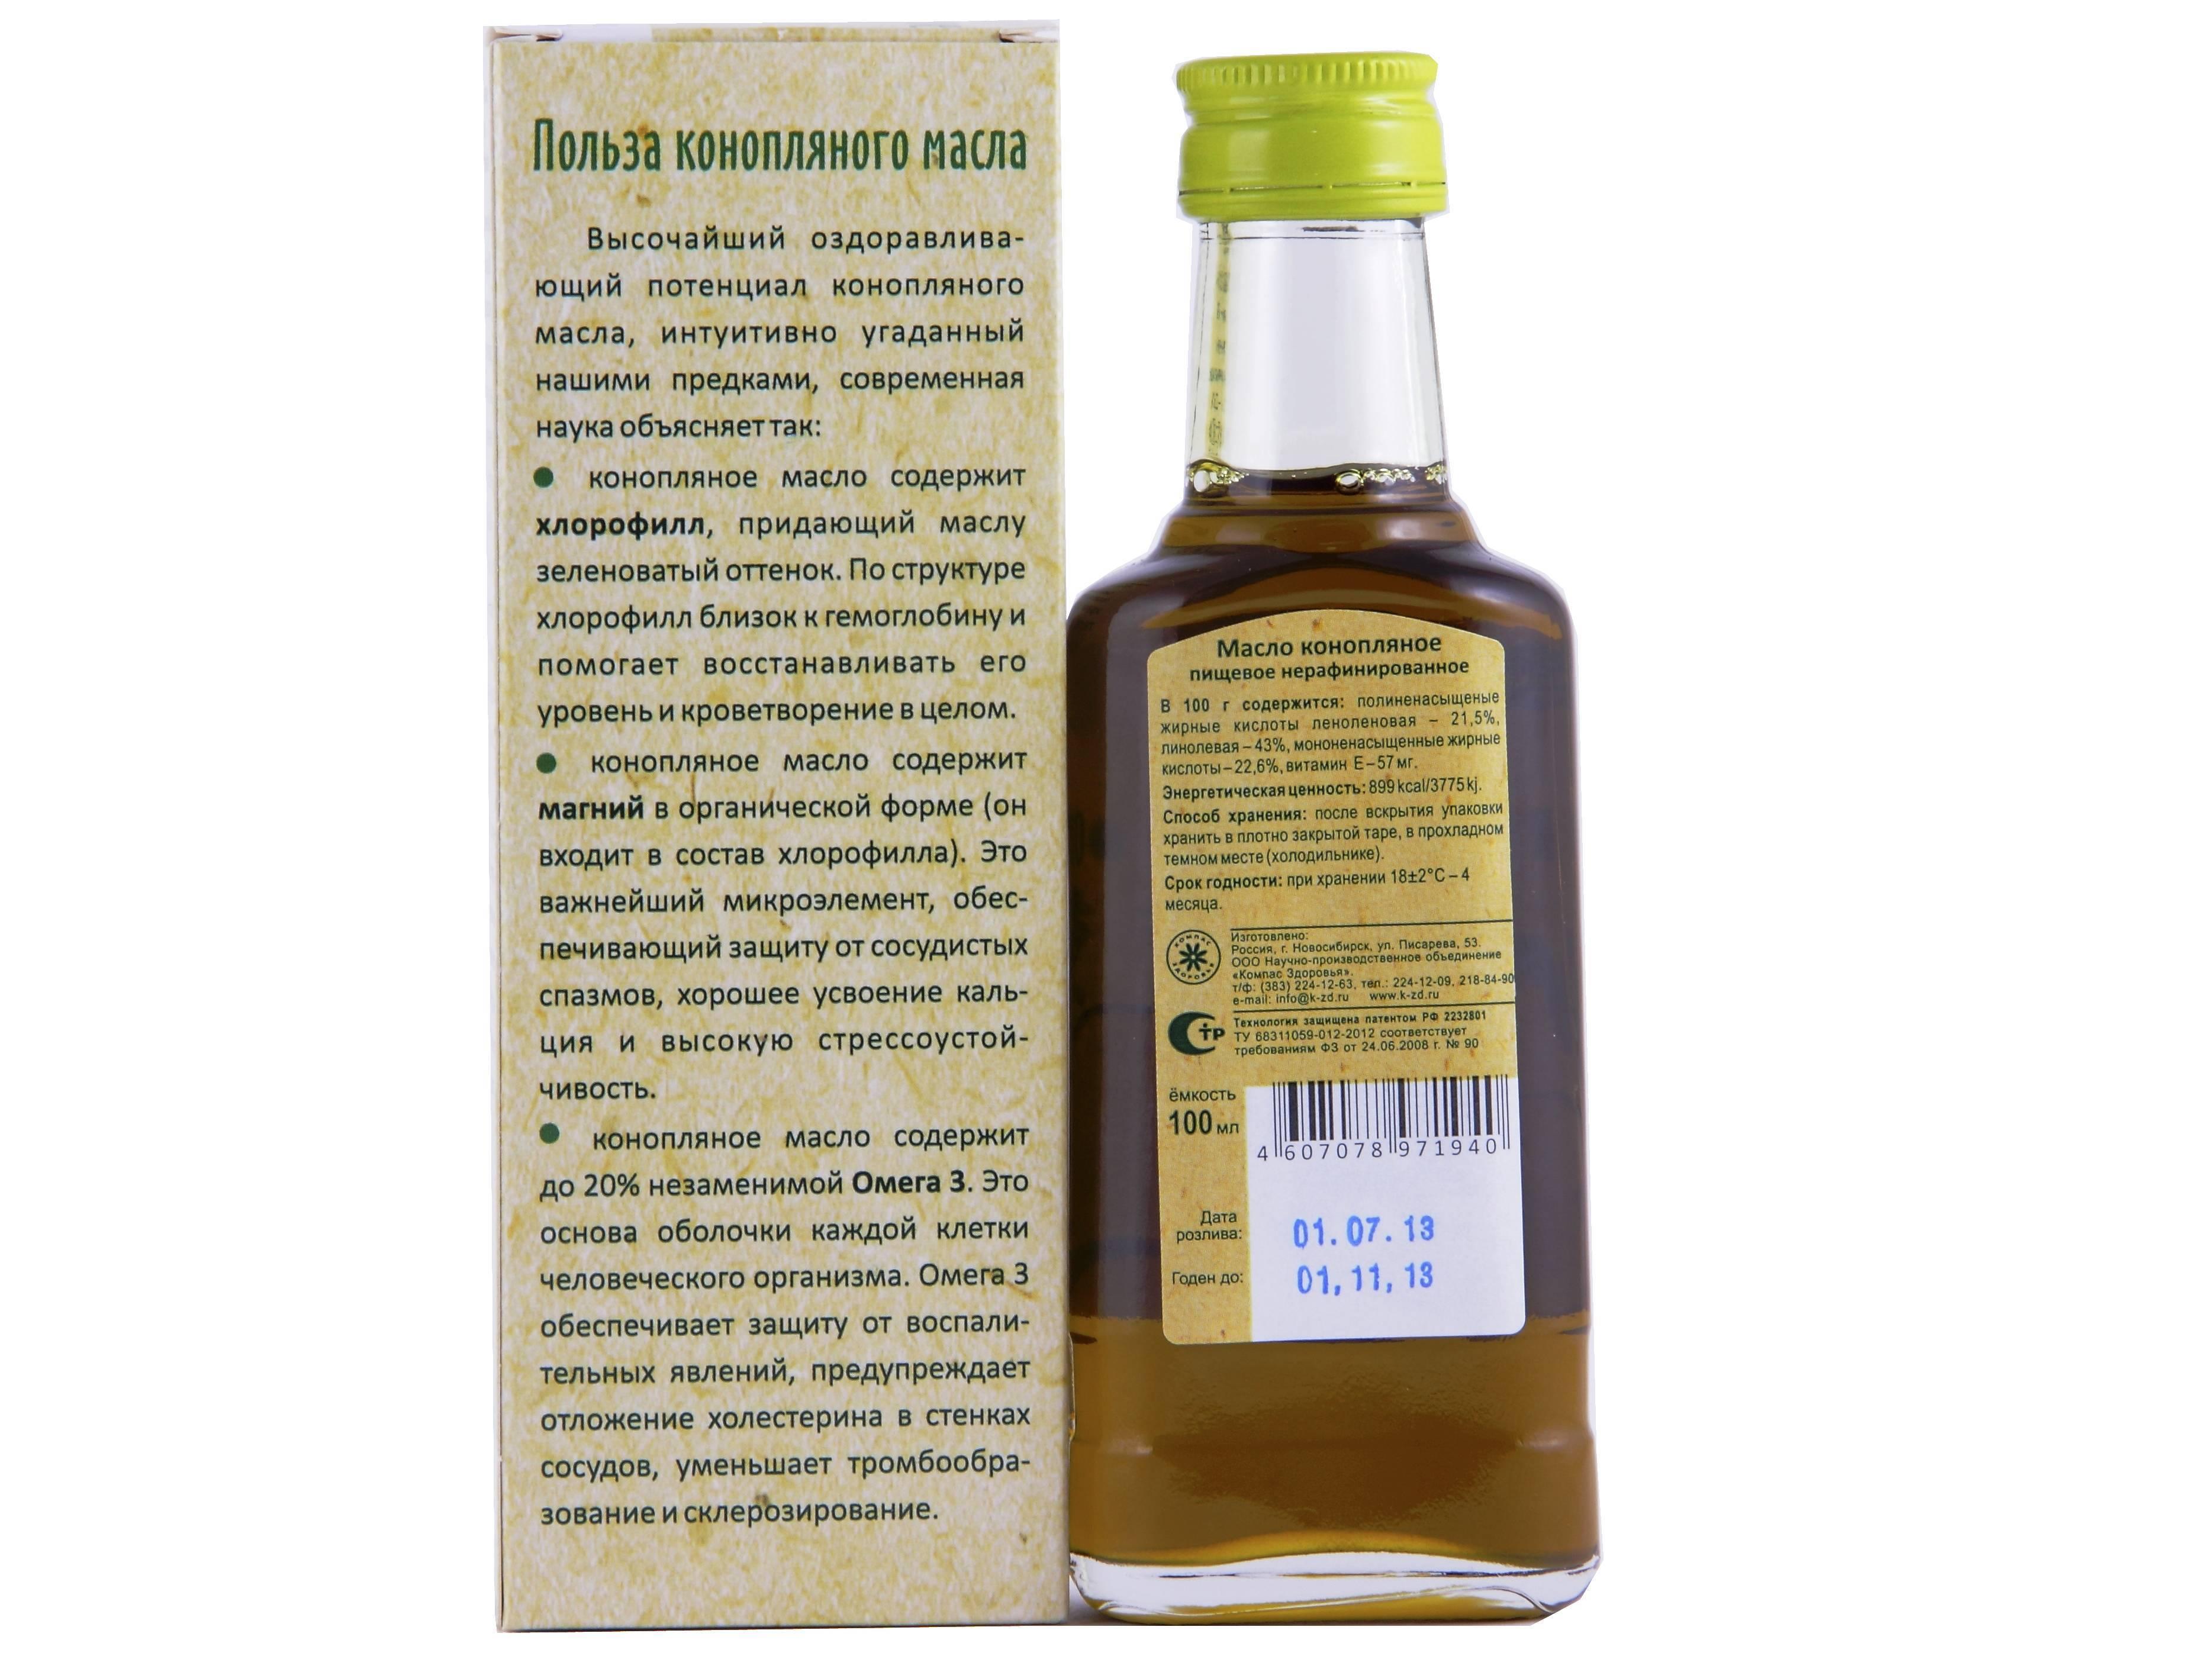 Конопляное масло: полезные свойства и противопоказания, применение